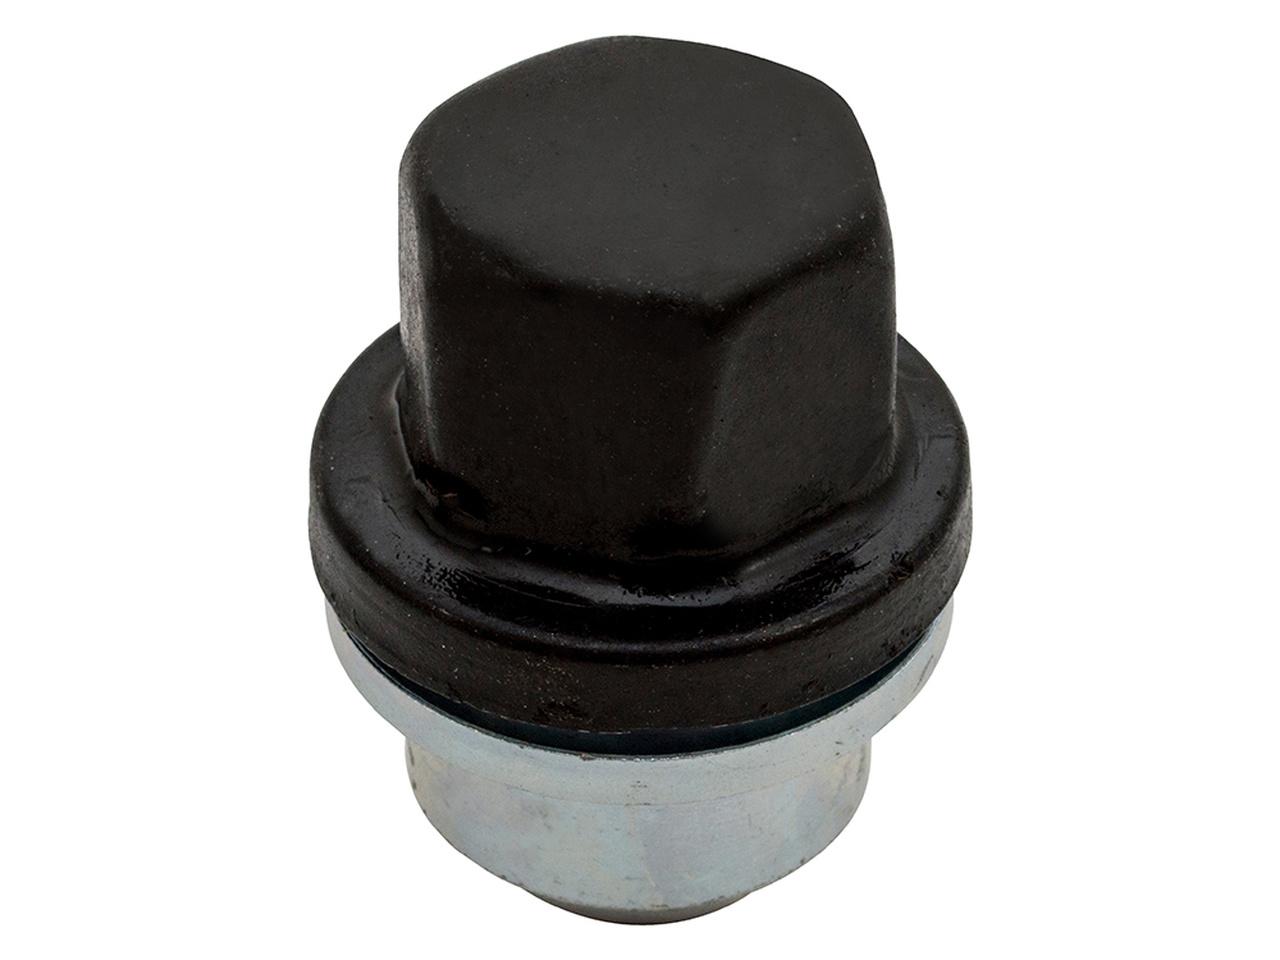 wielmoeren zwart rrd500560b